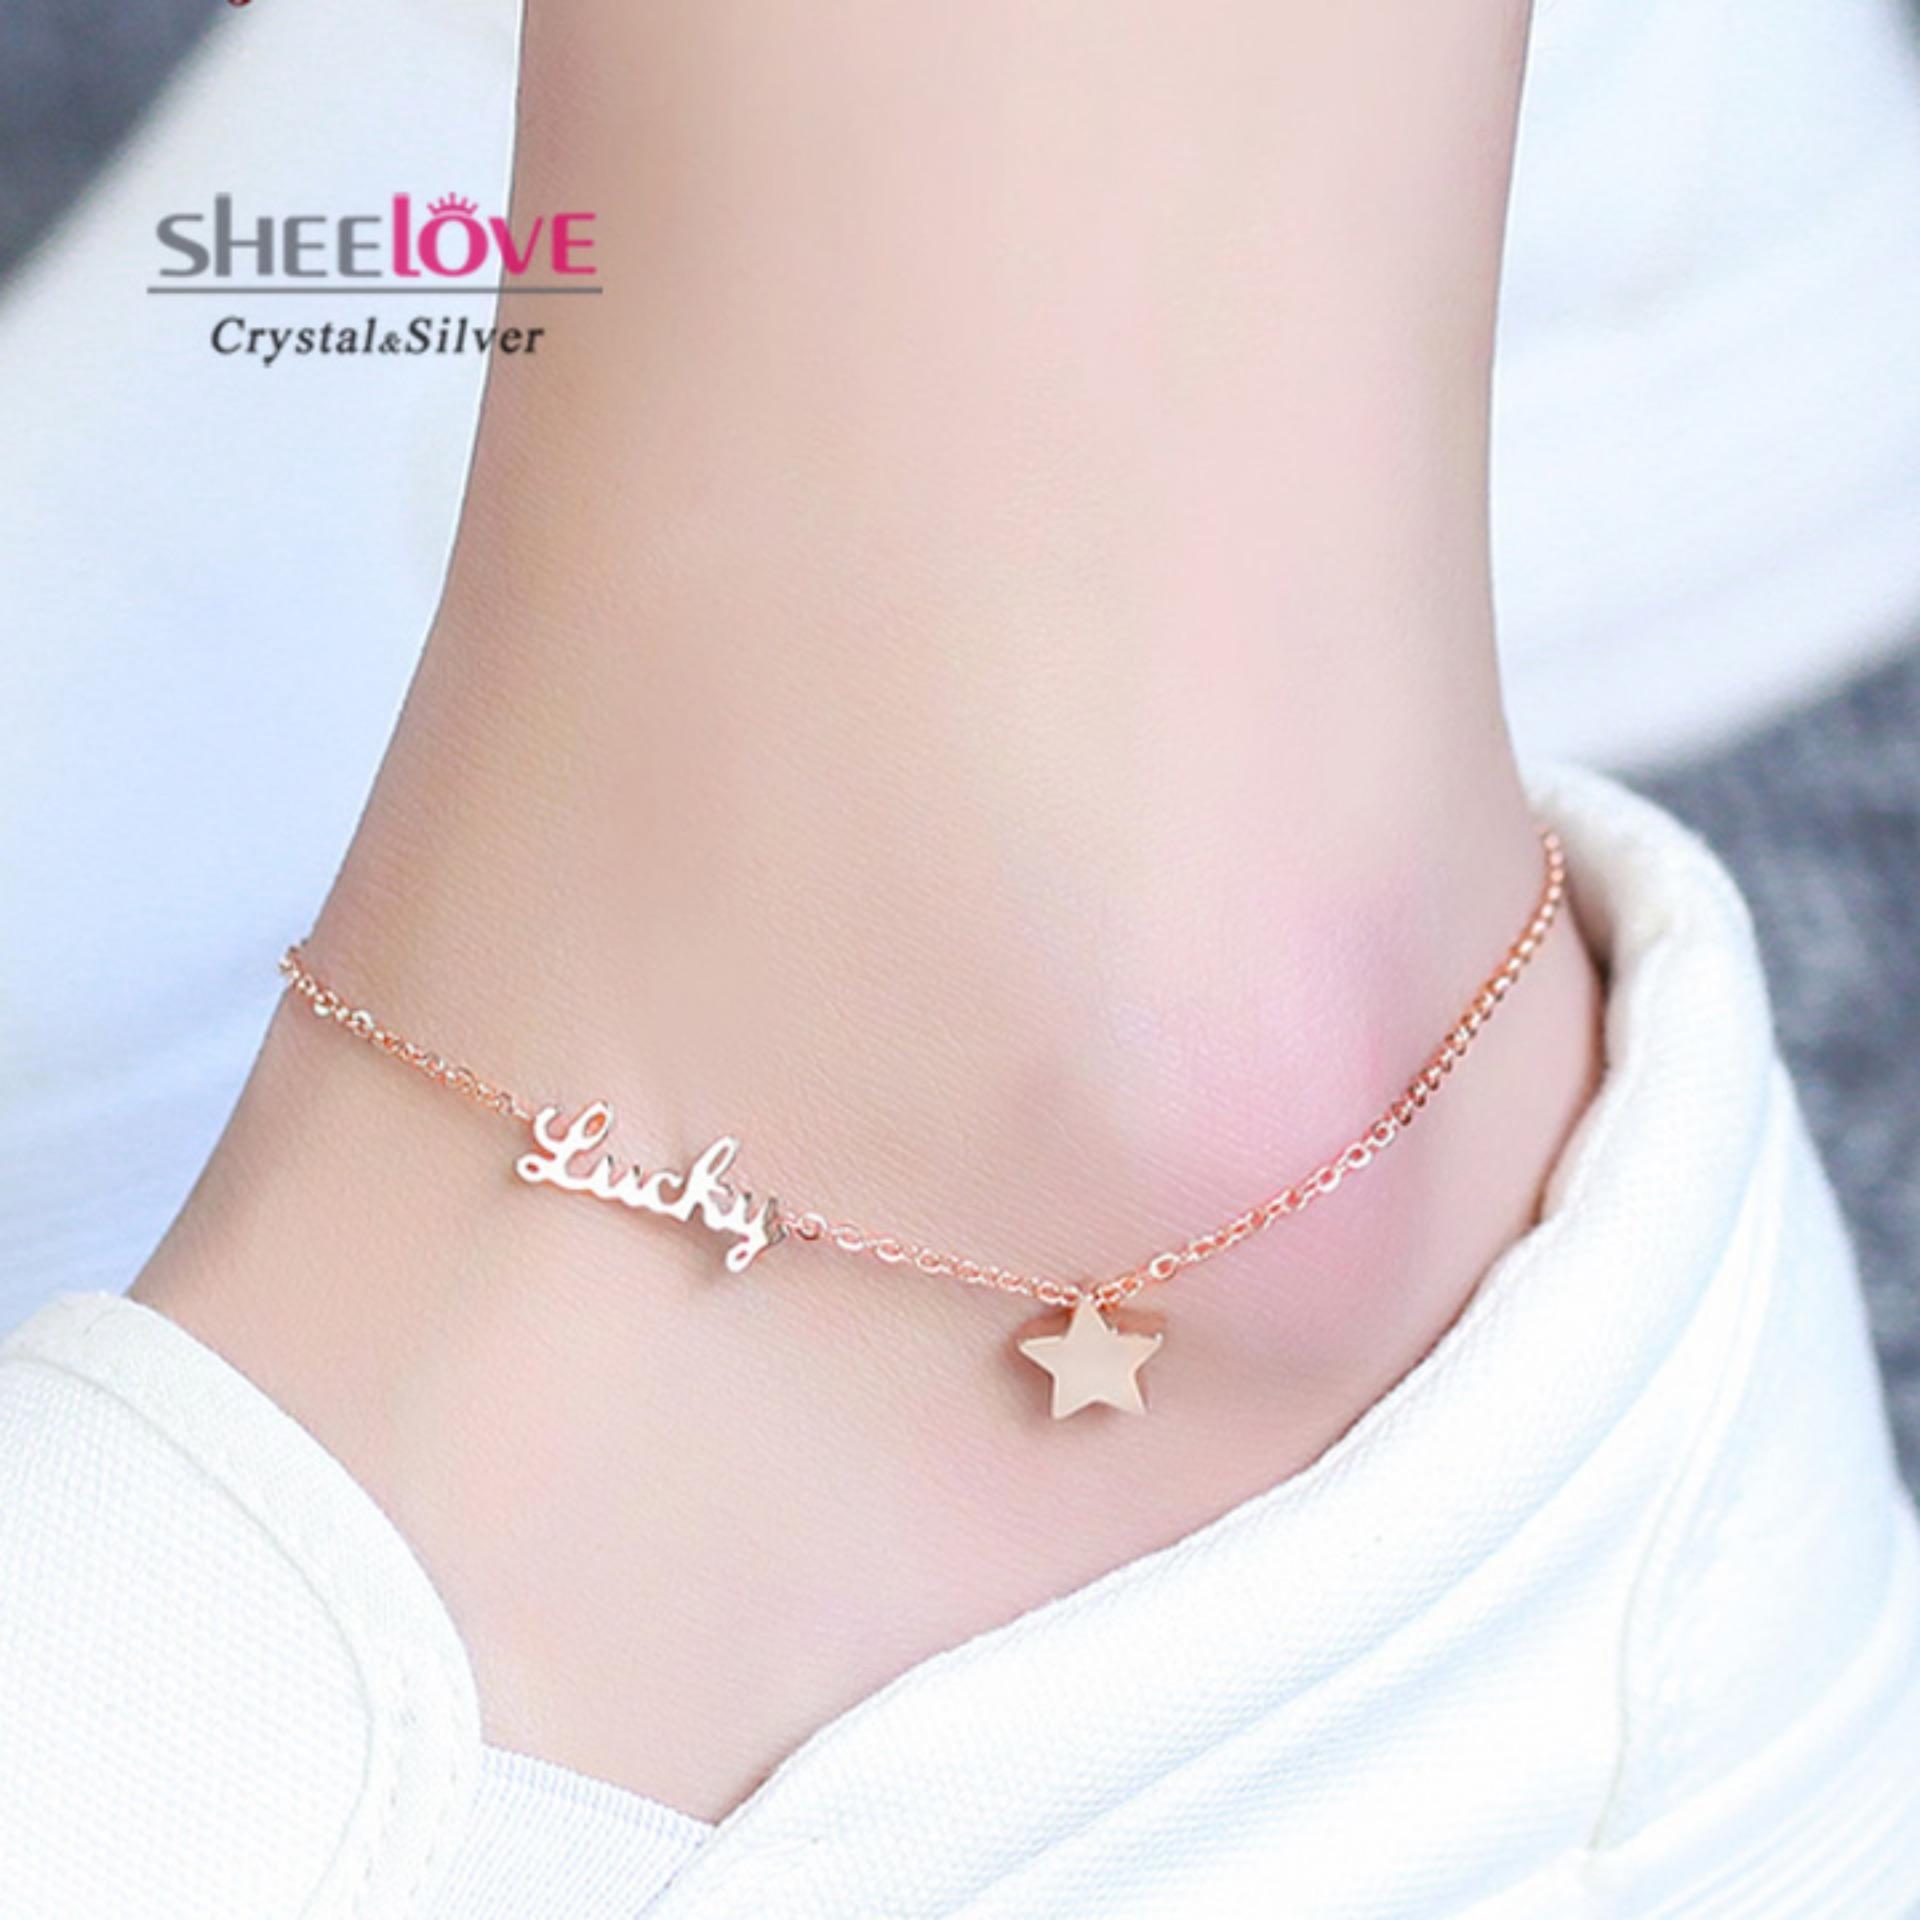 Lắc chân Titan nữ 18KGP ngôi sao Lấp lánh Chất lượng cao cấp Cổ điển Lucky may mắn xinh xắn không dị ứng Không đổi màu Thời trang Phong cách Hàn Quốc Giá tốt TG-2066